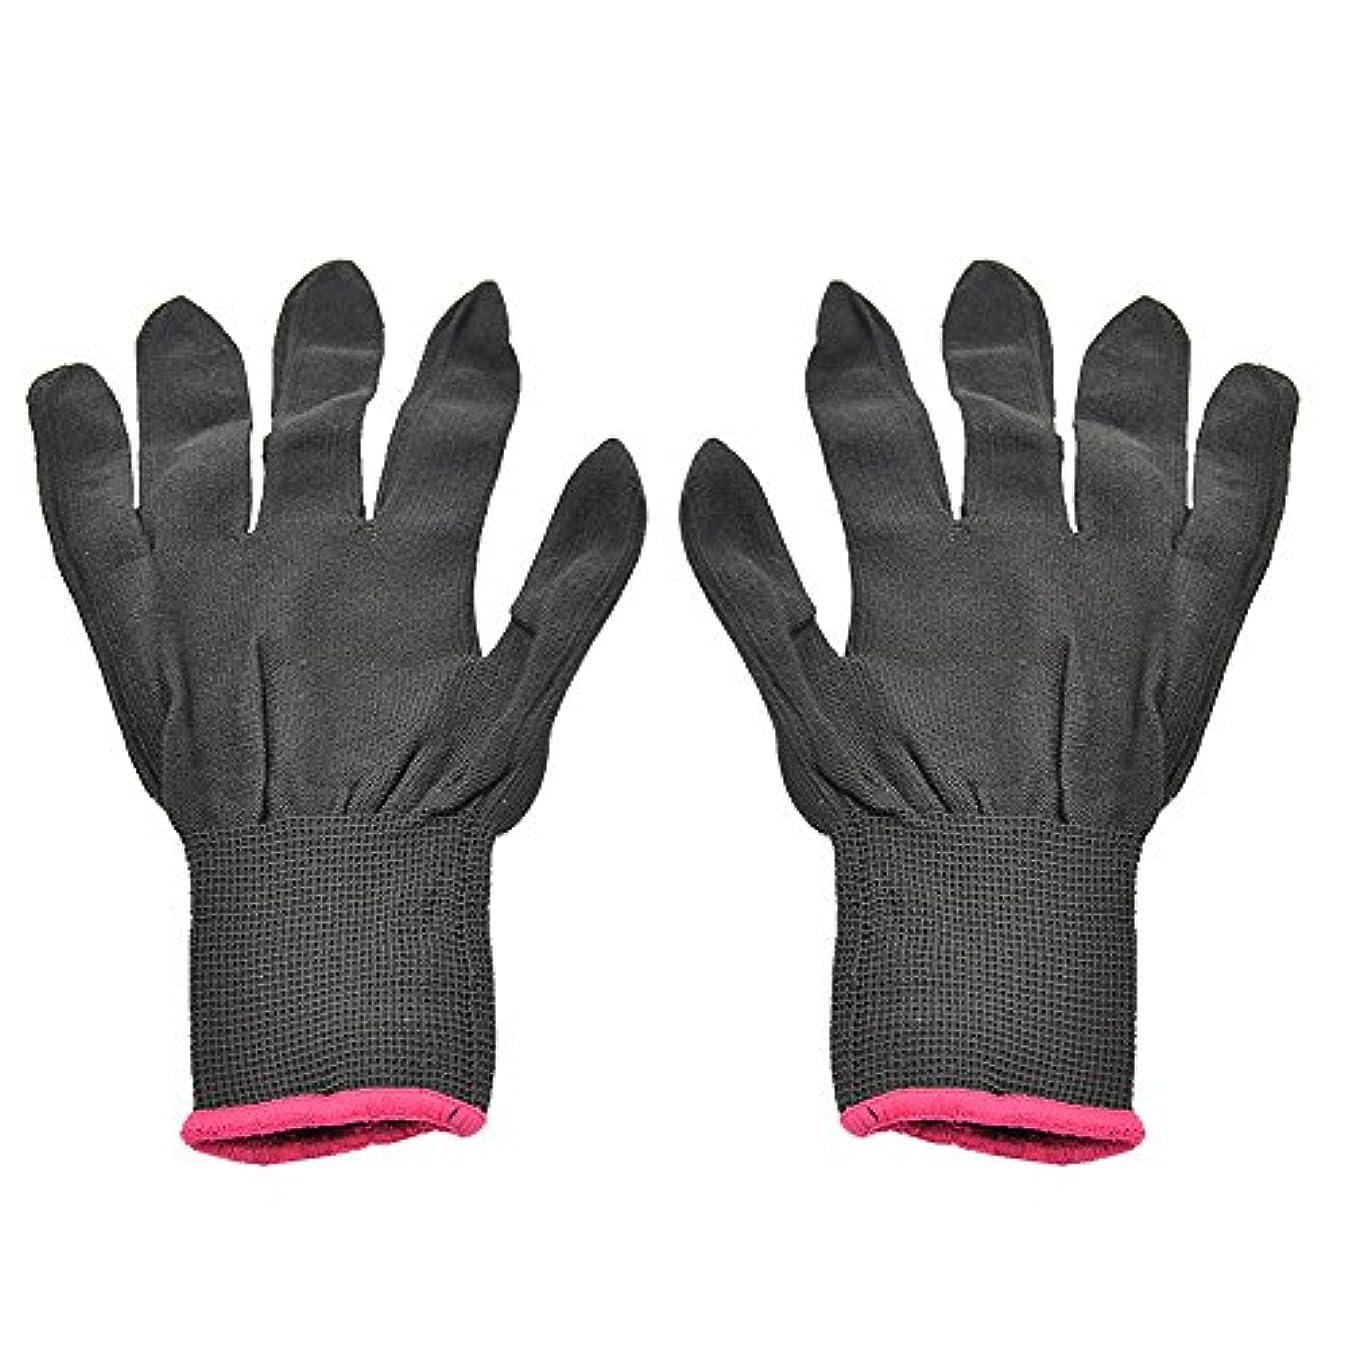 踏みつけ器官ユニークなゴシレ Gosear 1 ペア 男女兼用 熱 抵抗力 美容 耐熱手袋 ため カーリング 平らな鉄 カーリング 杖 髪 スタイリング